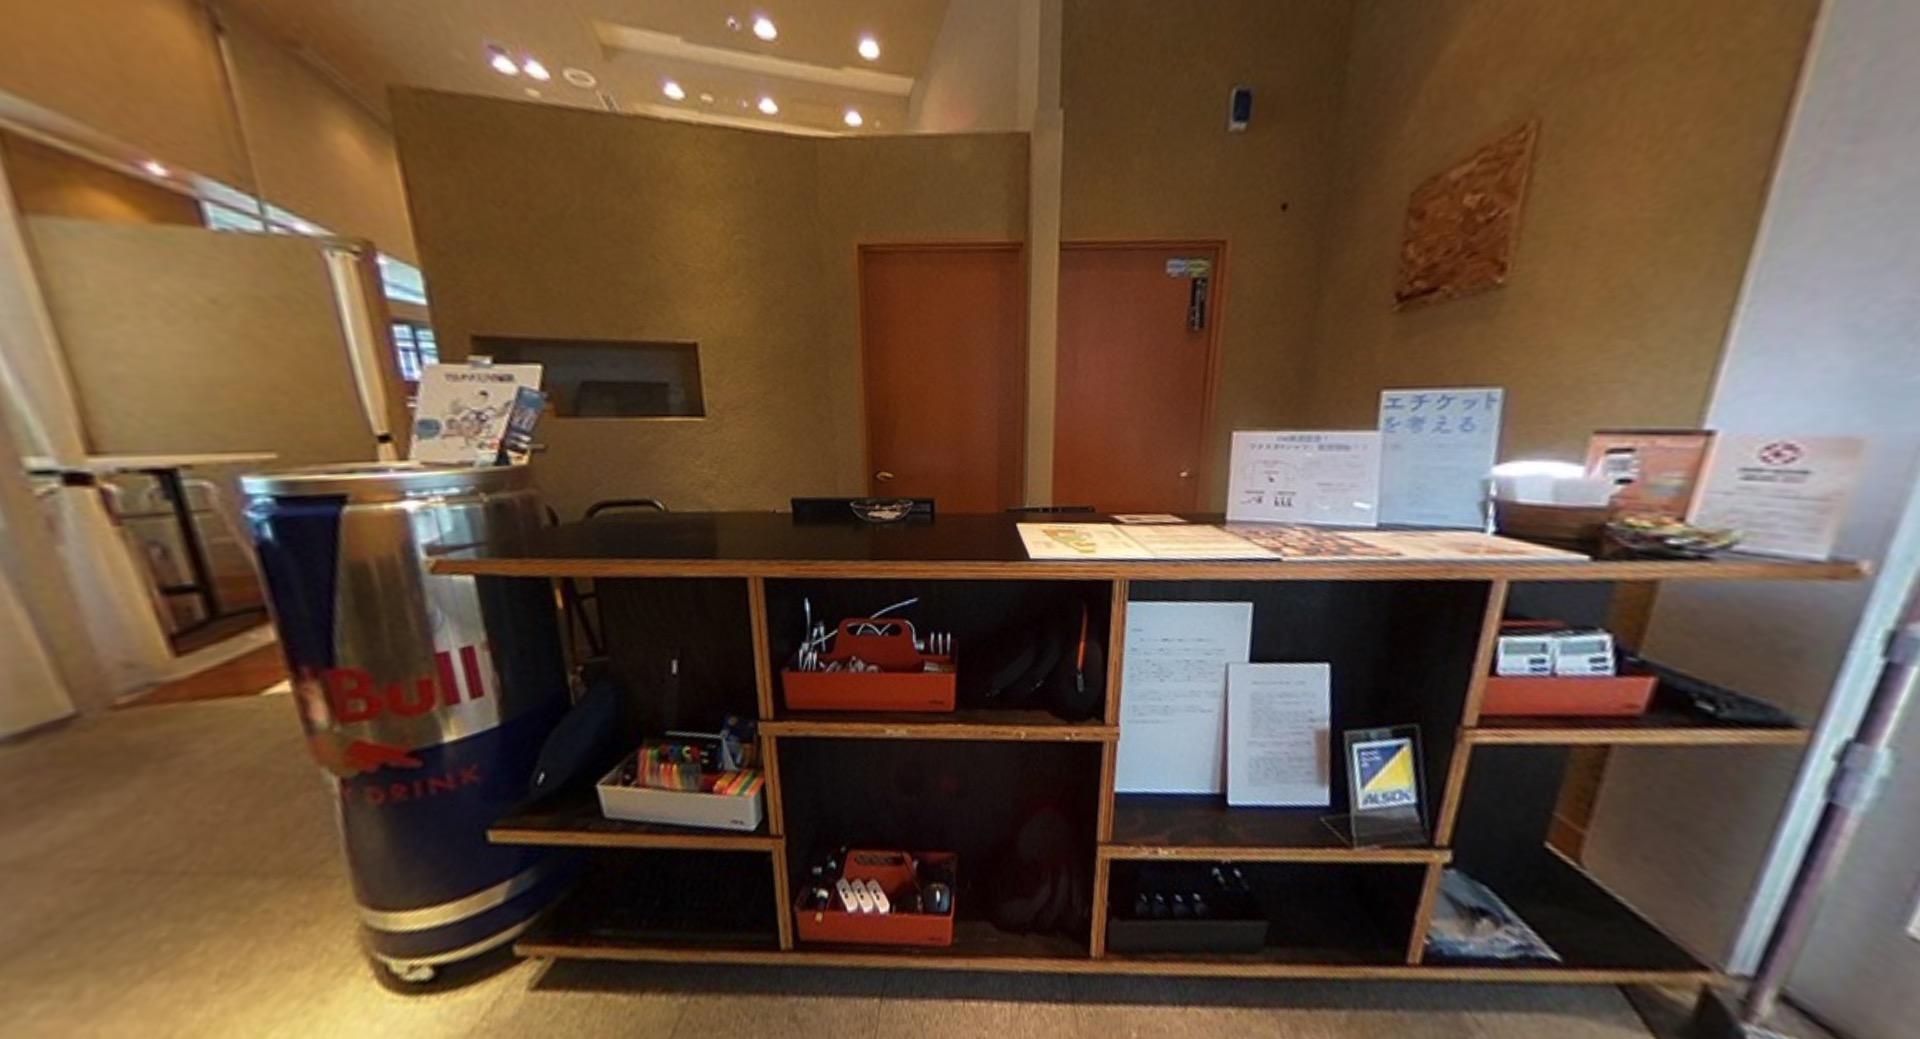 ワークスタイリング汐留のオフィス内部の画像「フロント」